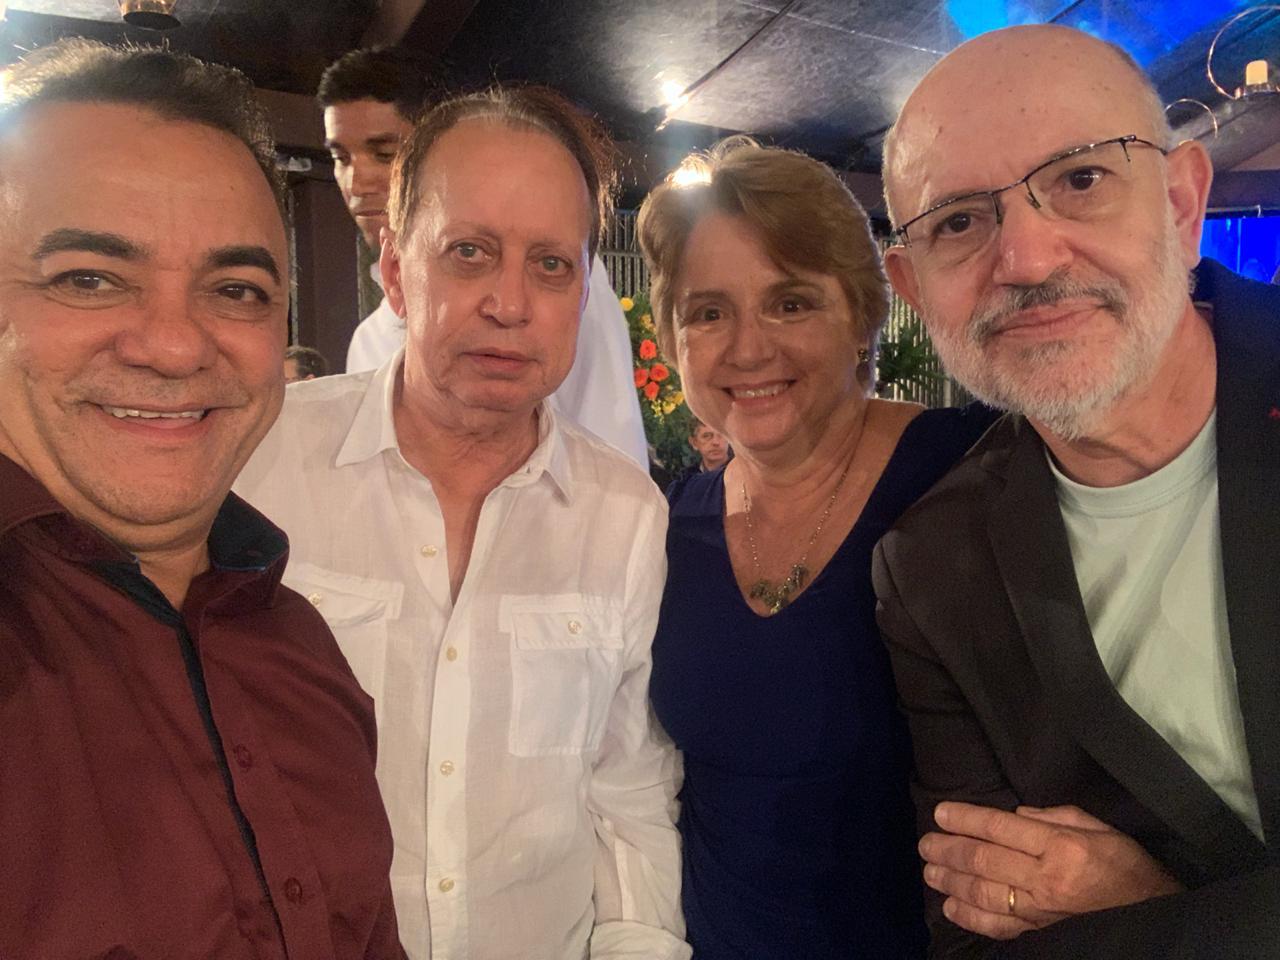 WhatsApp Image 2019 09 22 at 10.04.40 2 - Políticos e empresários comemoram os 90 anos de Zé Cavalcanti, em Cajazeiras - VEJA FOTOS E VÍDEOS